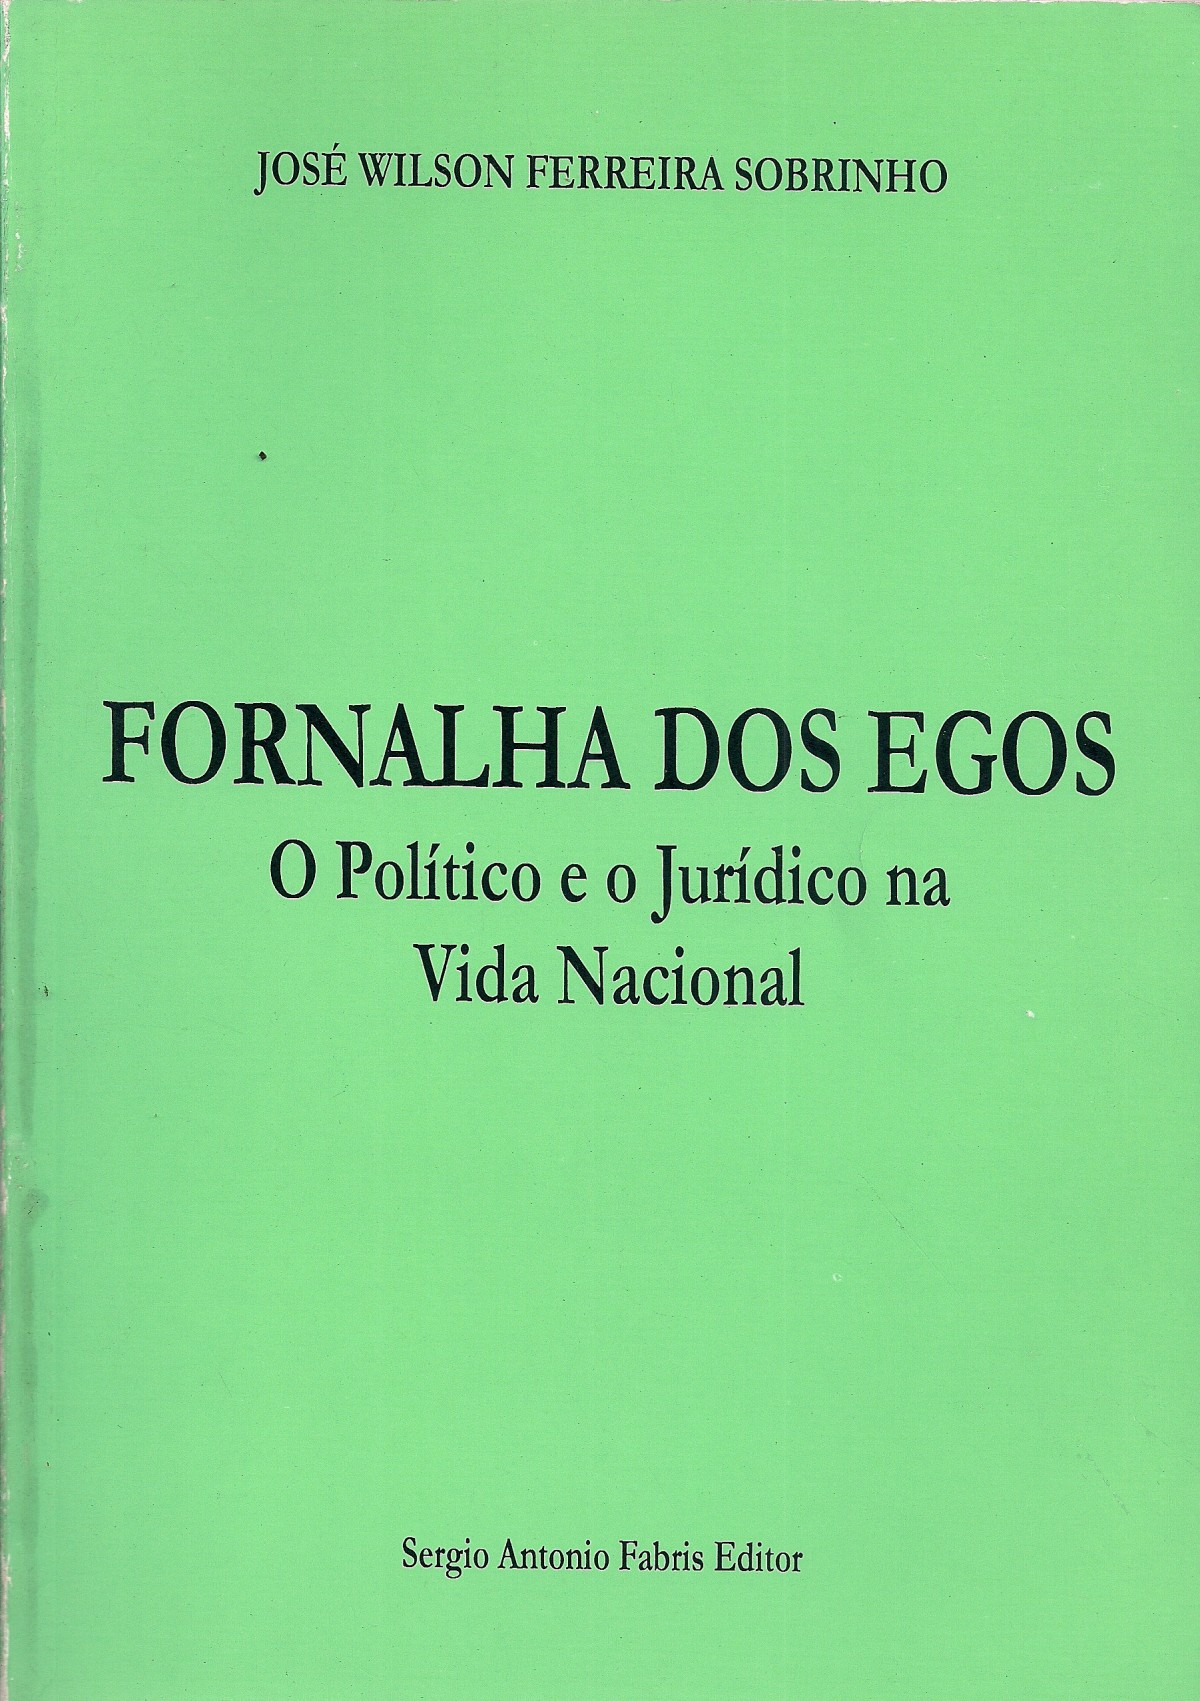 Foto 1 - Fornalha dos Egos - O Político e o Jurídico na Vida Nacional